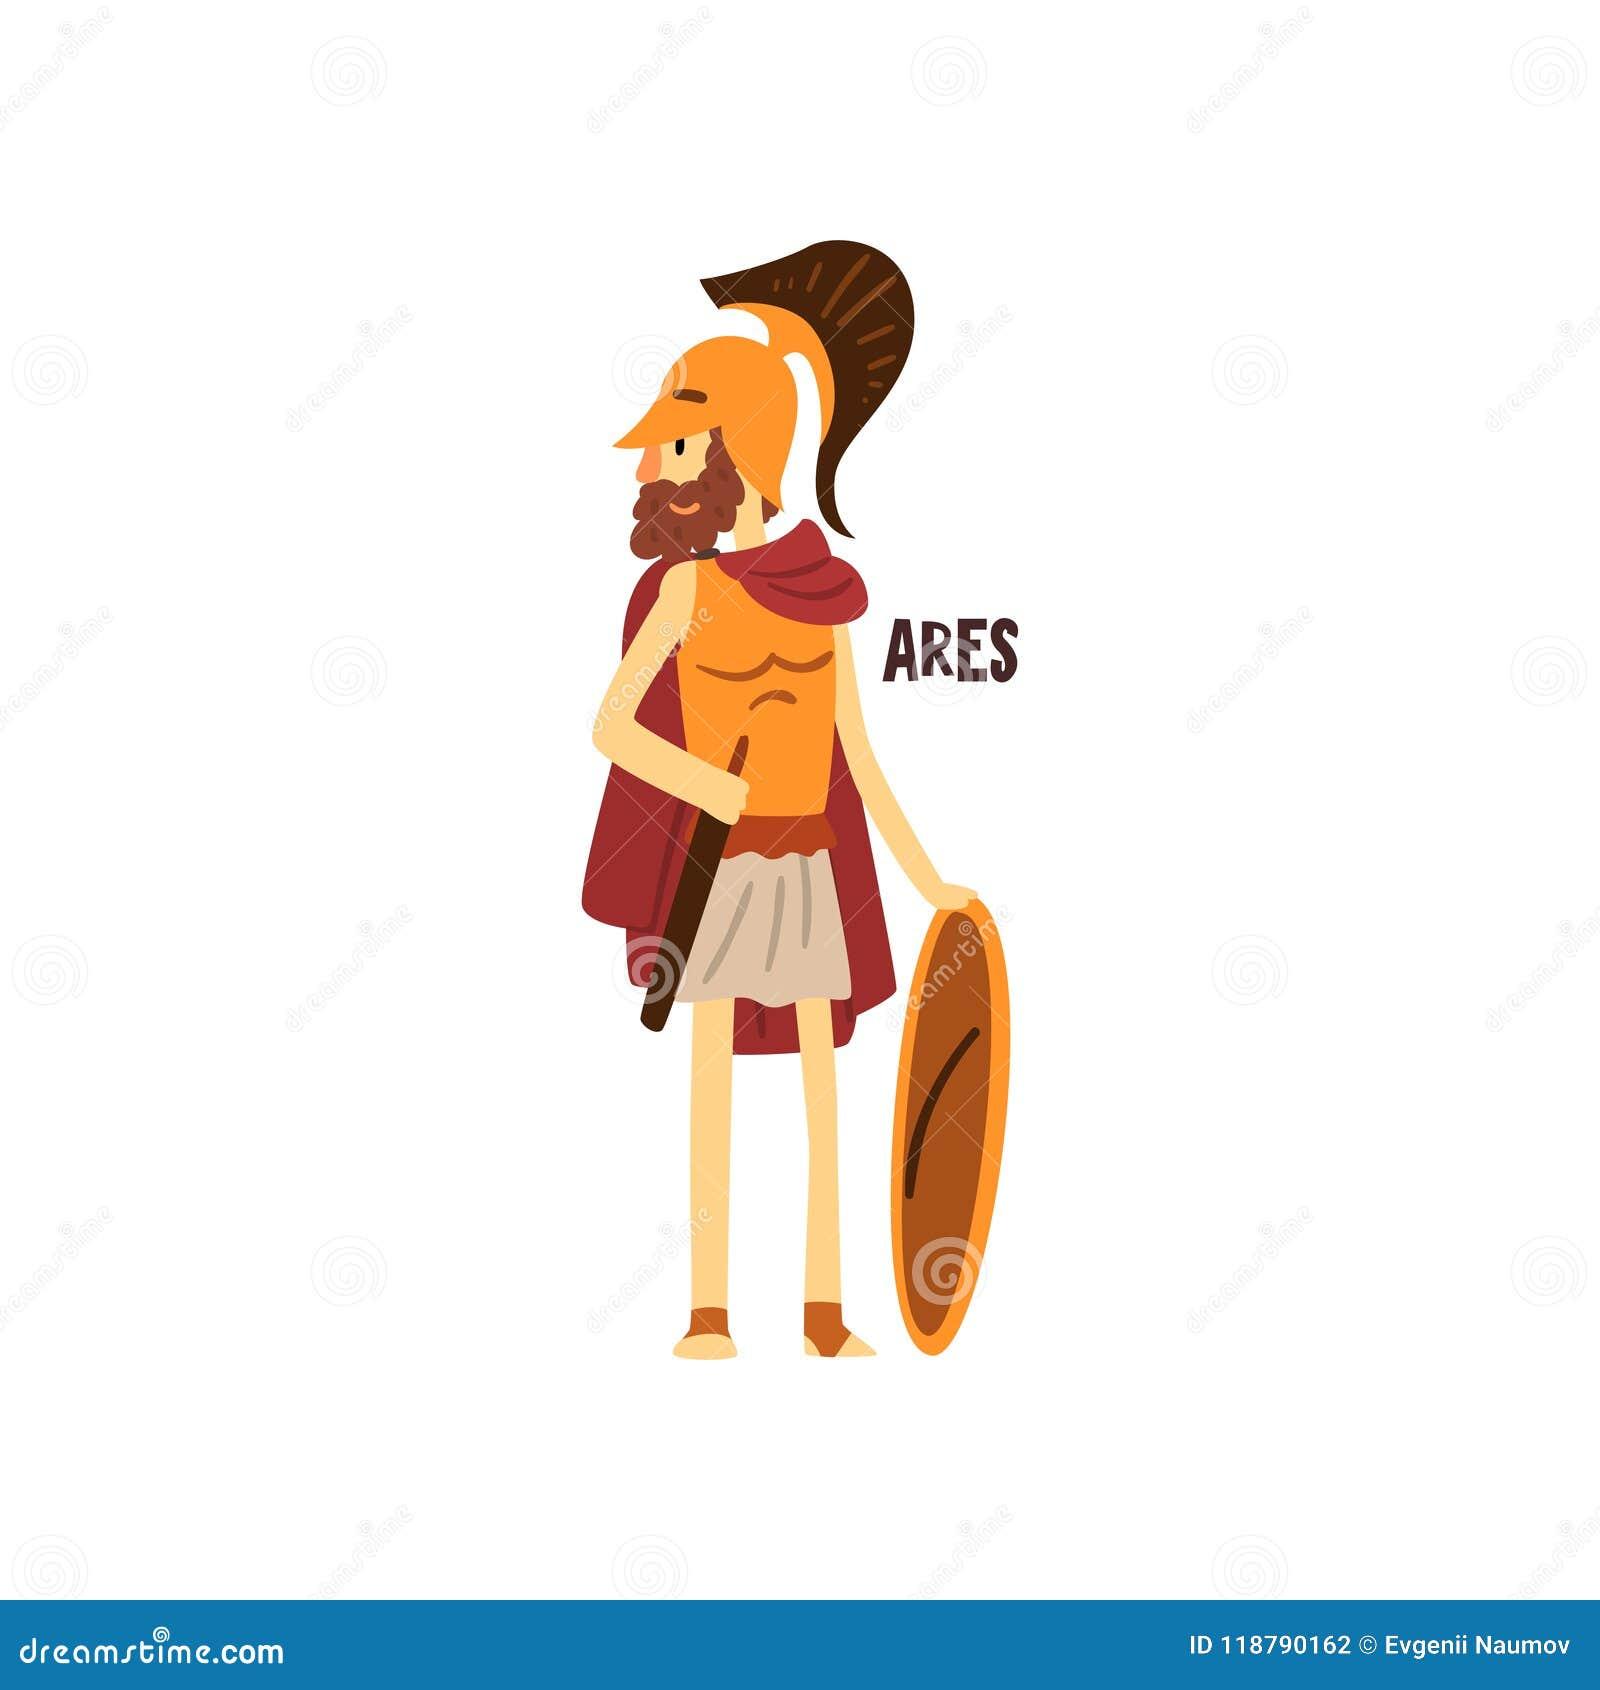 Olympischer griechischer Gott Ares, altes Griechenland-Mythologiecharakter-Vektor Illustration auf einem weißen Hintergrund